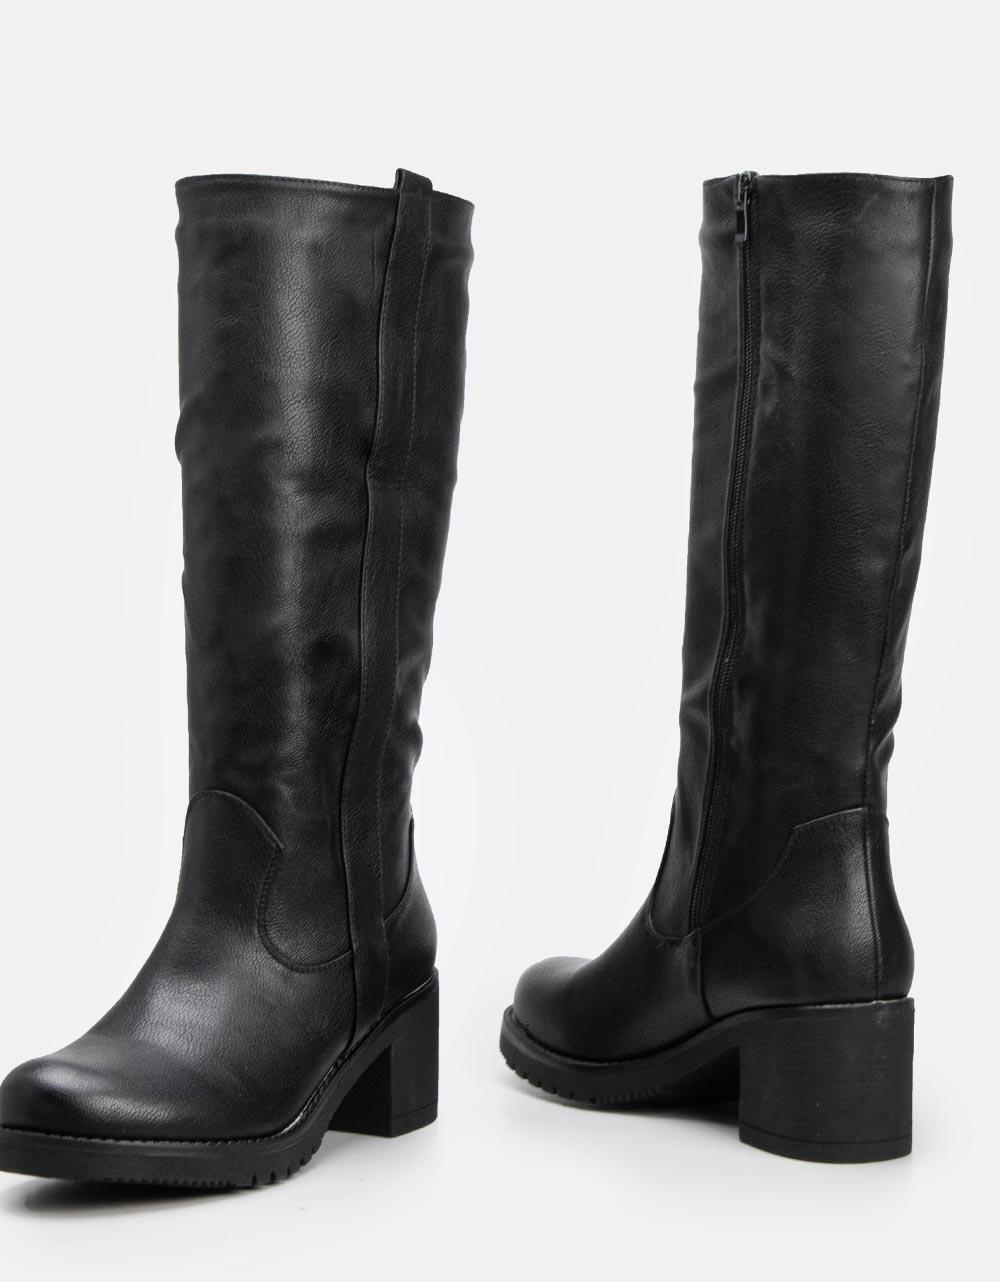 Εικόνα από Γυναικείες μπότες μονόχρωμες με τακούνι Μαύρο